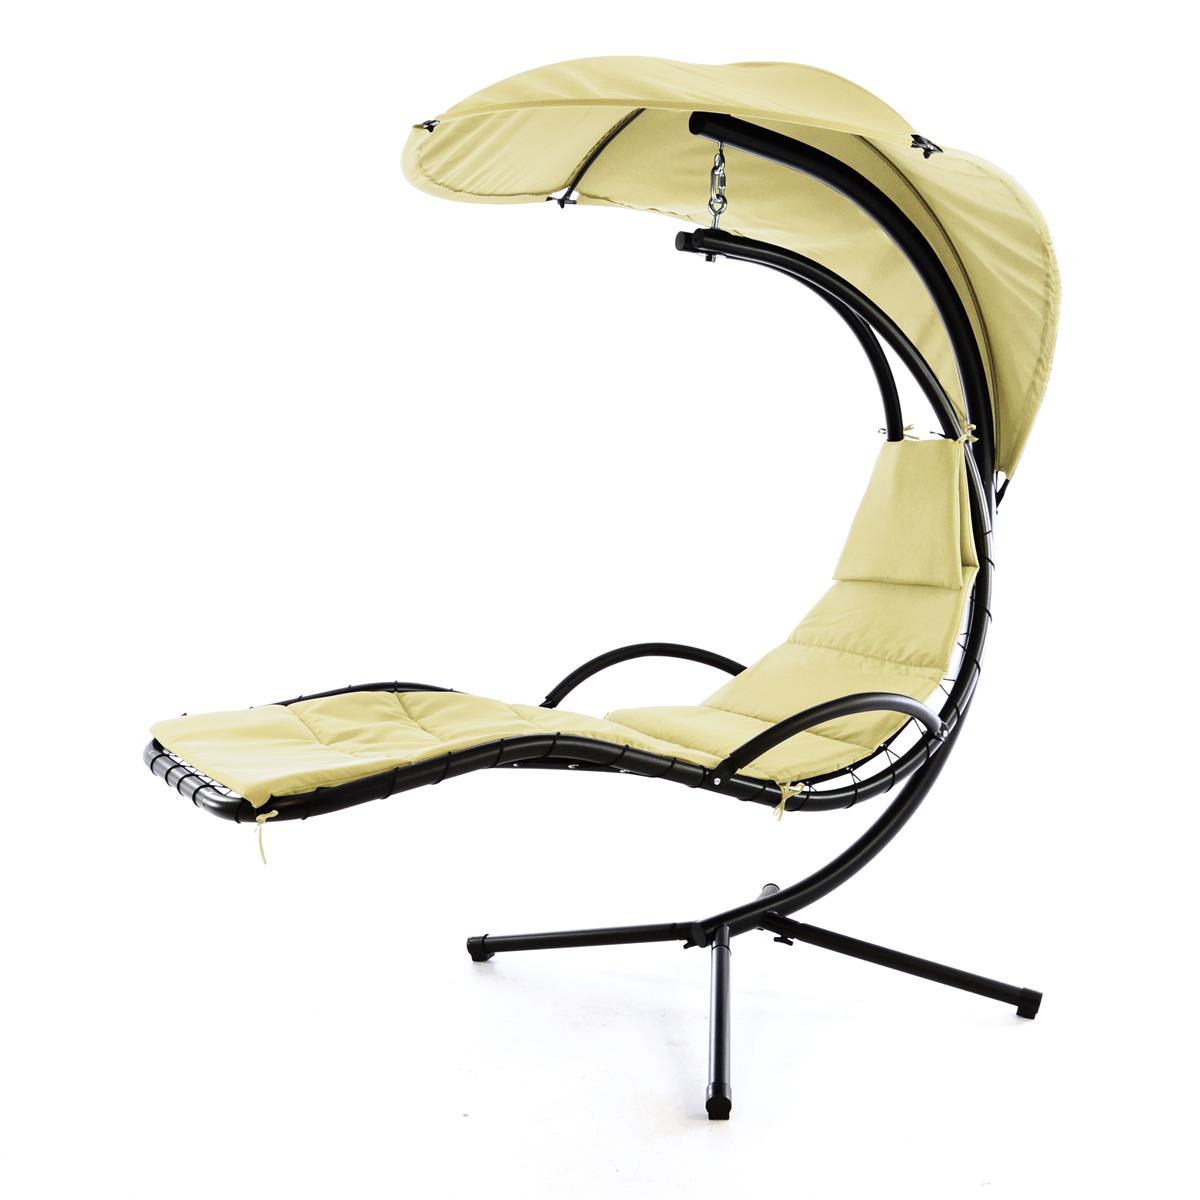 Luxus Schwebeliege beige Schwingliege Hängeliege Relax-Sonnenliege Sonnenschutz